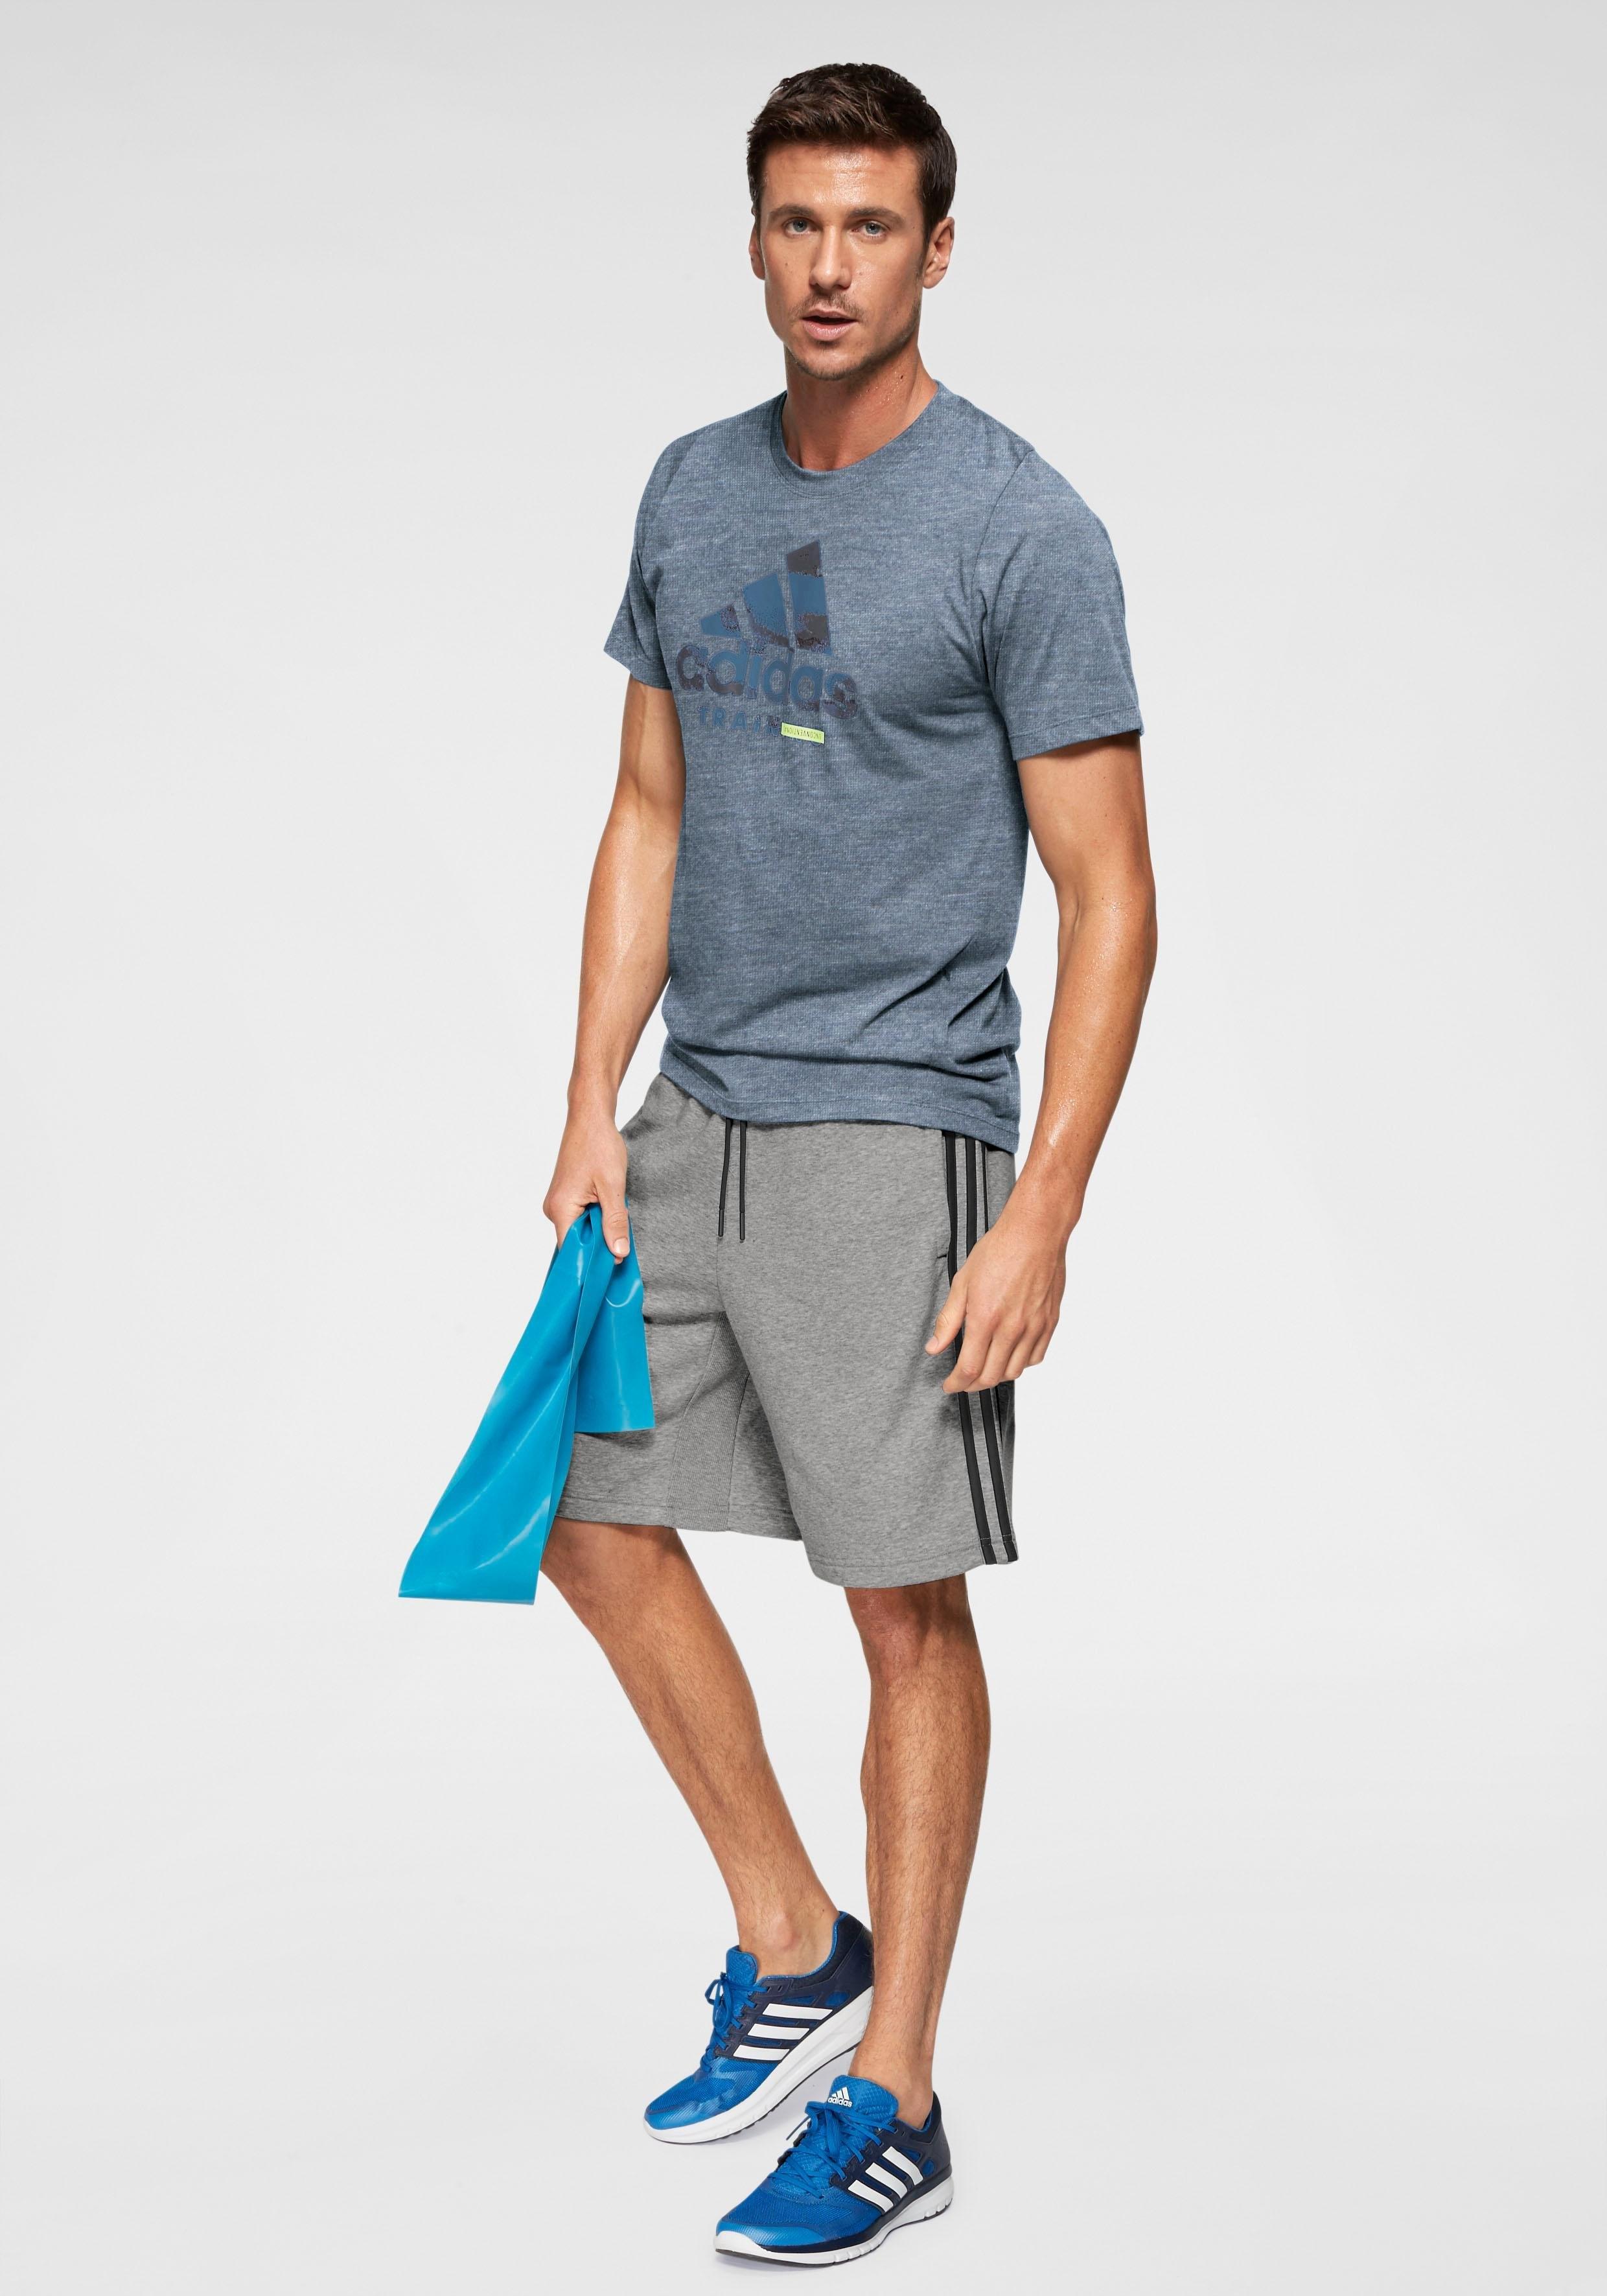 Functioneel Shirt Adidas Bij Performance Bestellen FK1TJlc